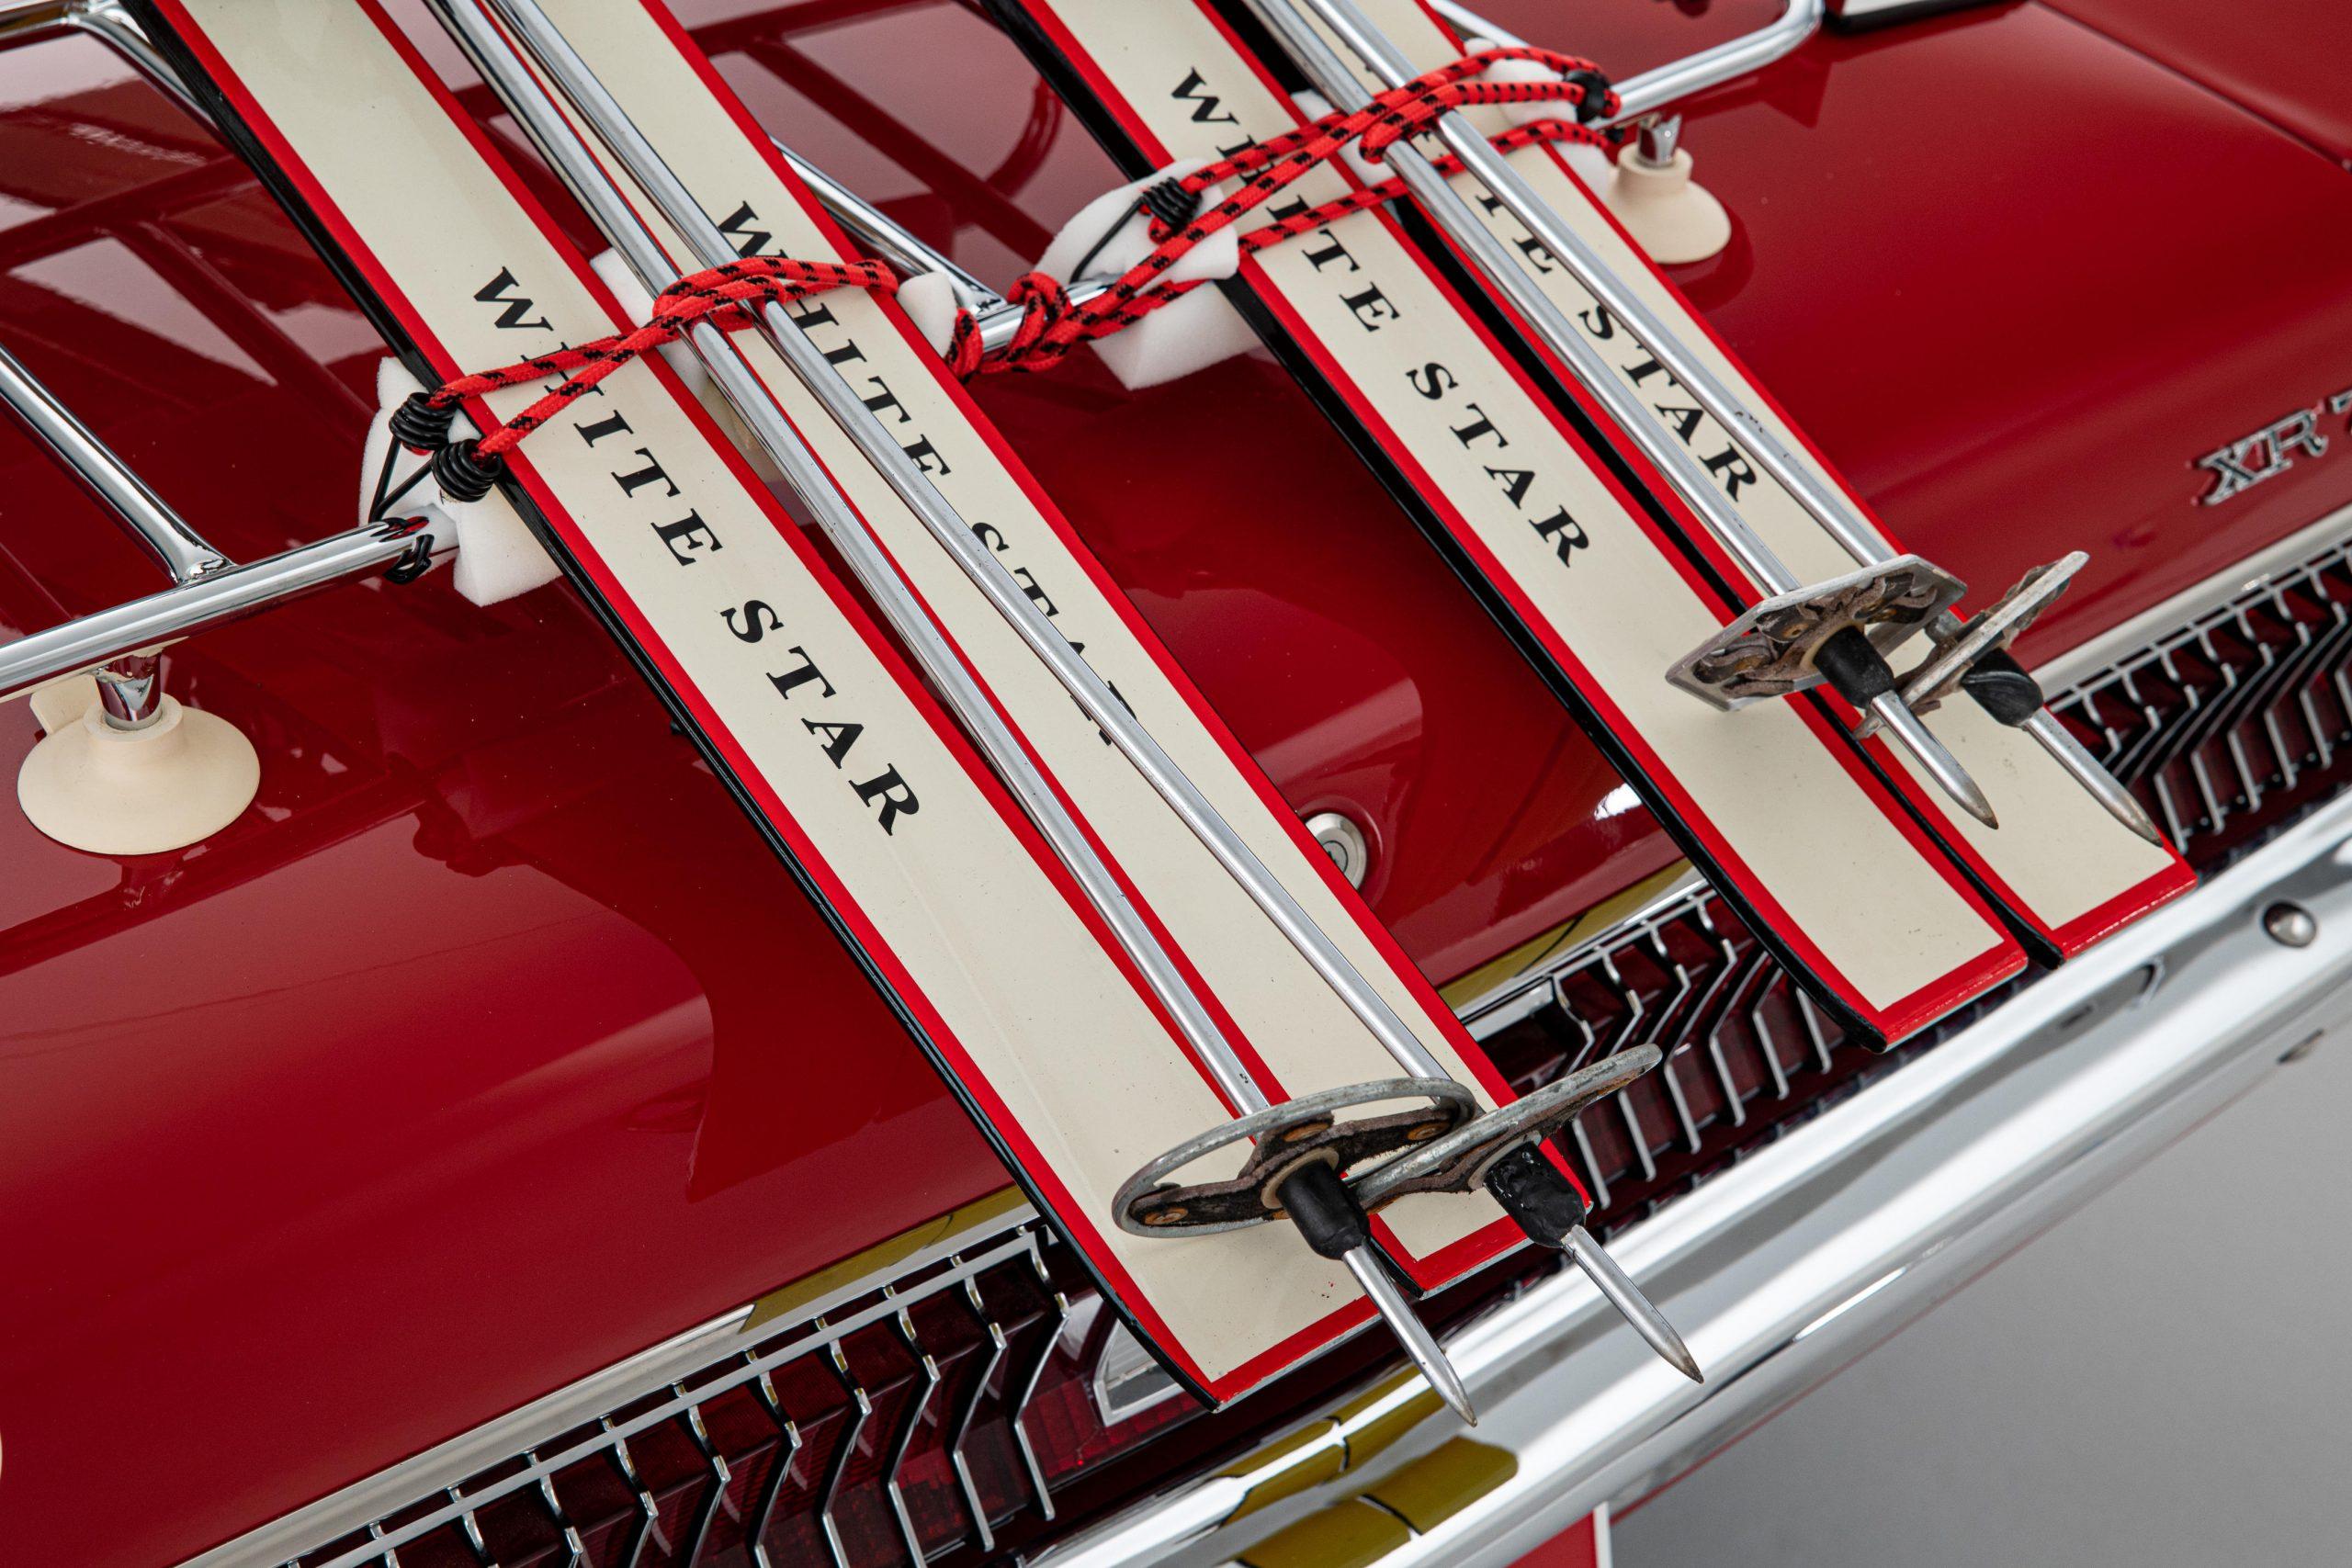 Mercury Cougar Convertible rear skis close up